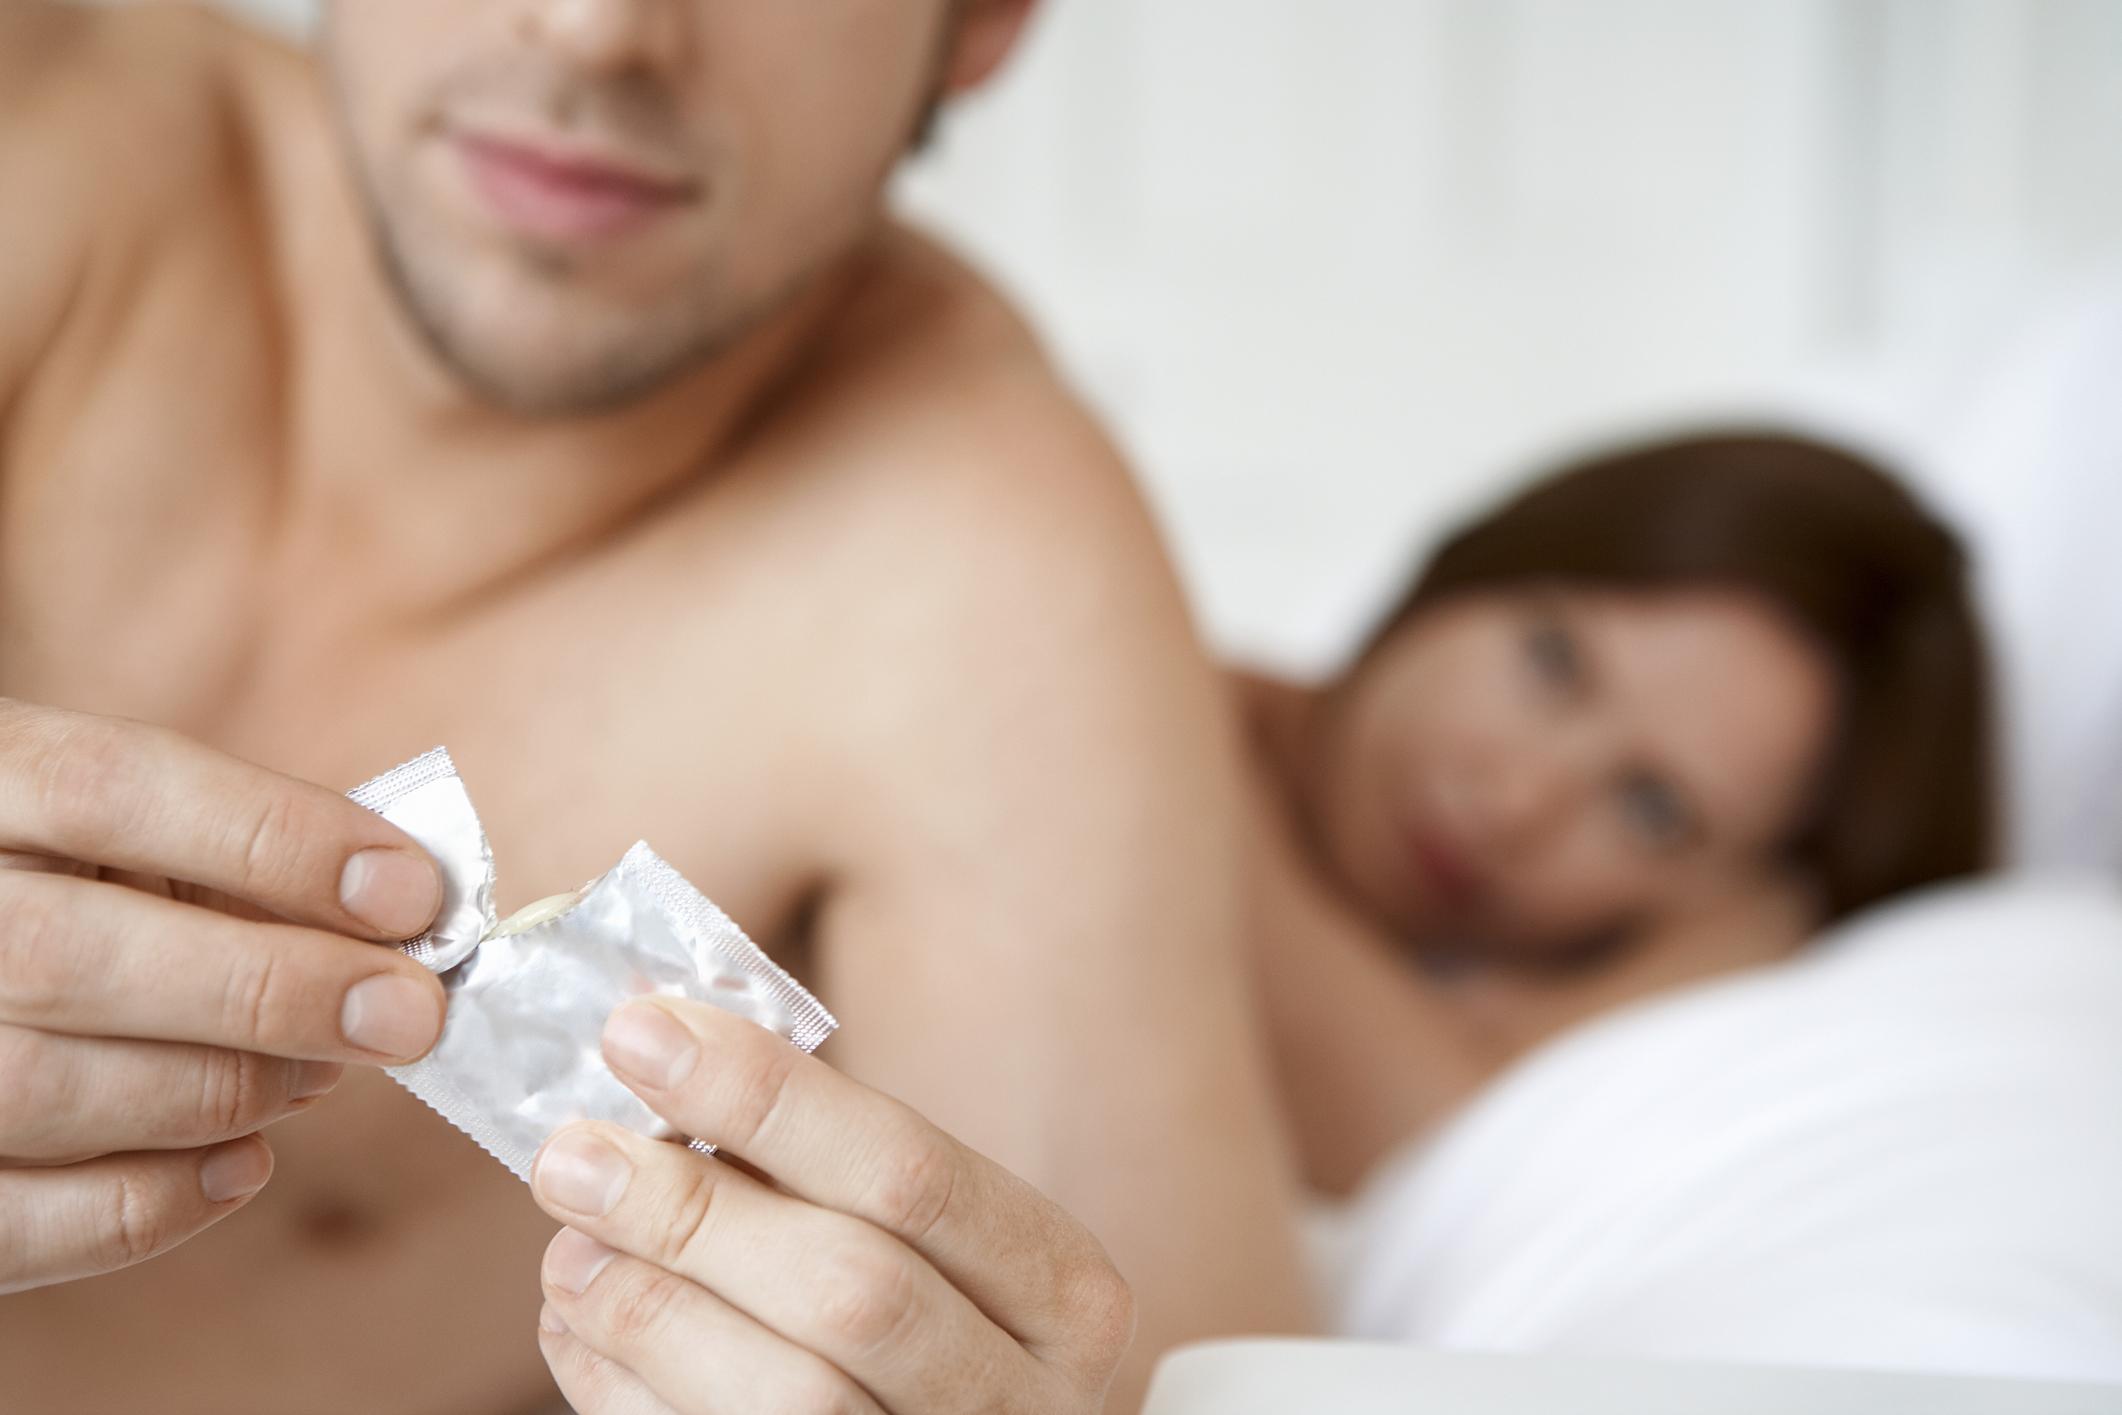 Il liquido pre-eiaculatorio può indurre gravidanza e trasmettere l'HIV? | MEDICINA ONLINE